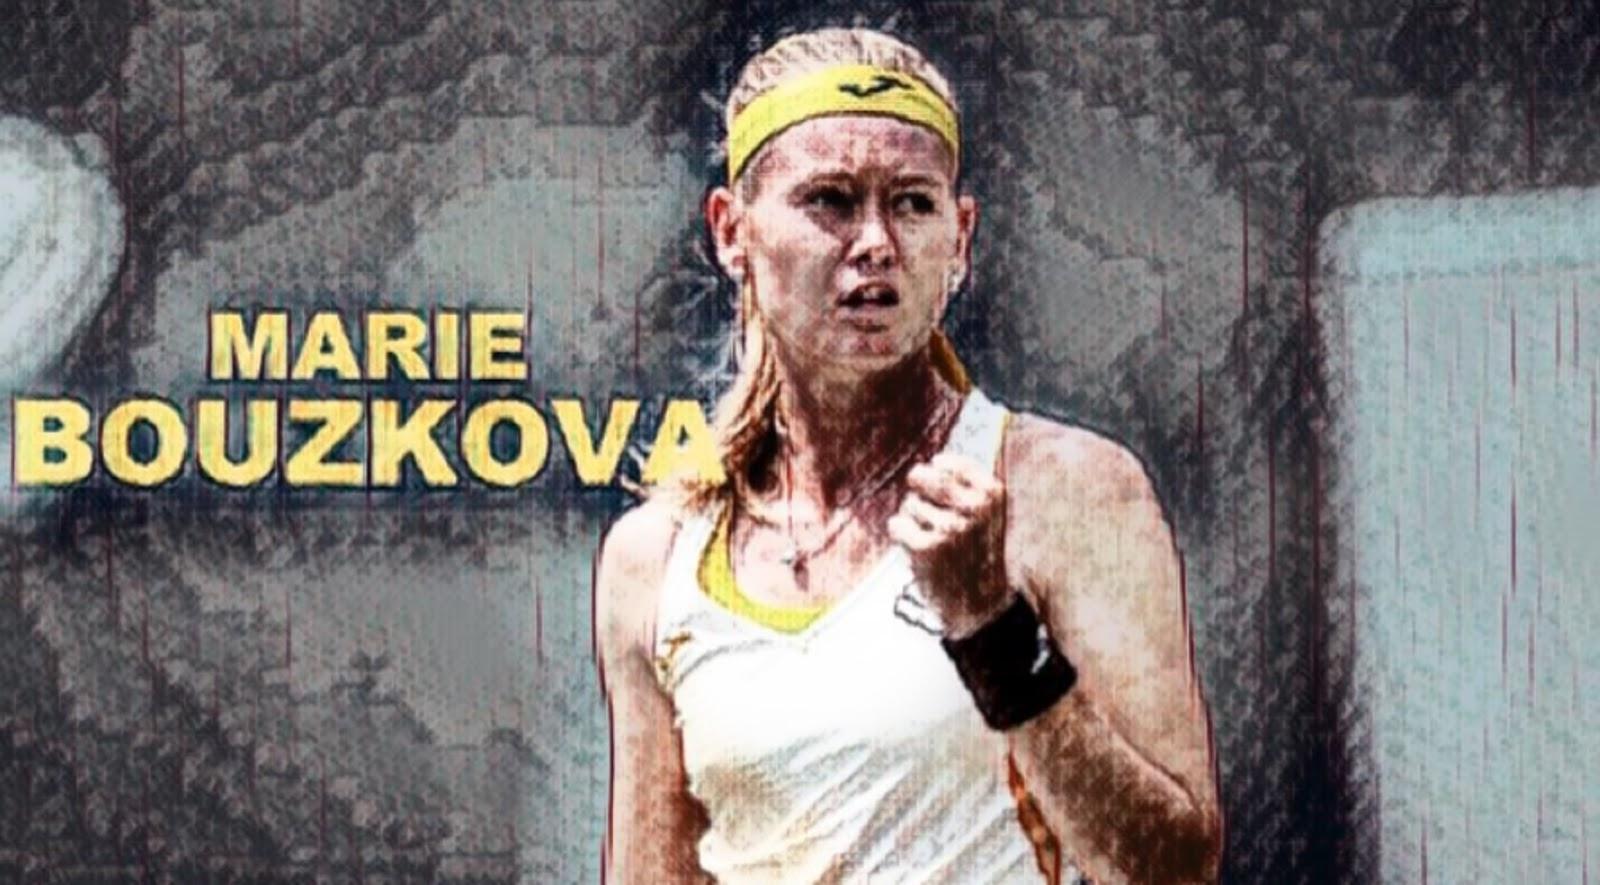 MARIE BOUZKOVA